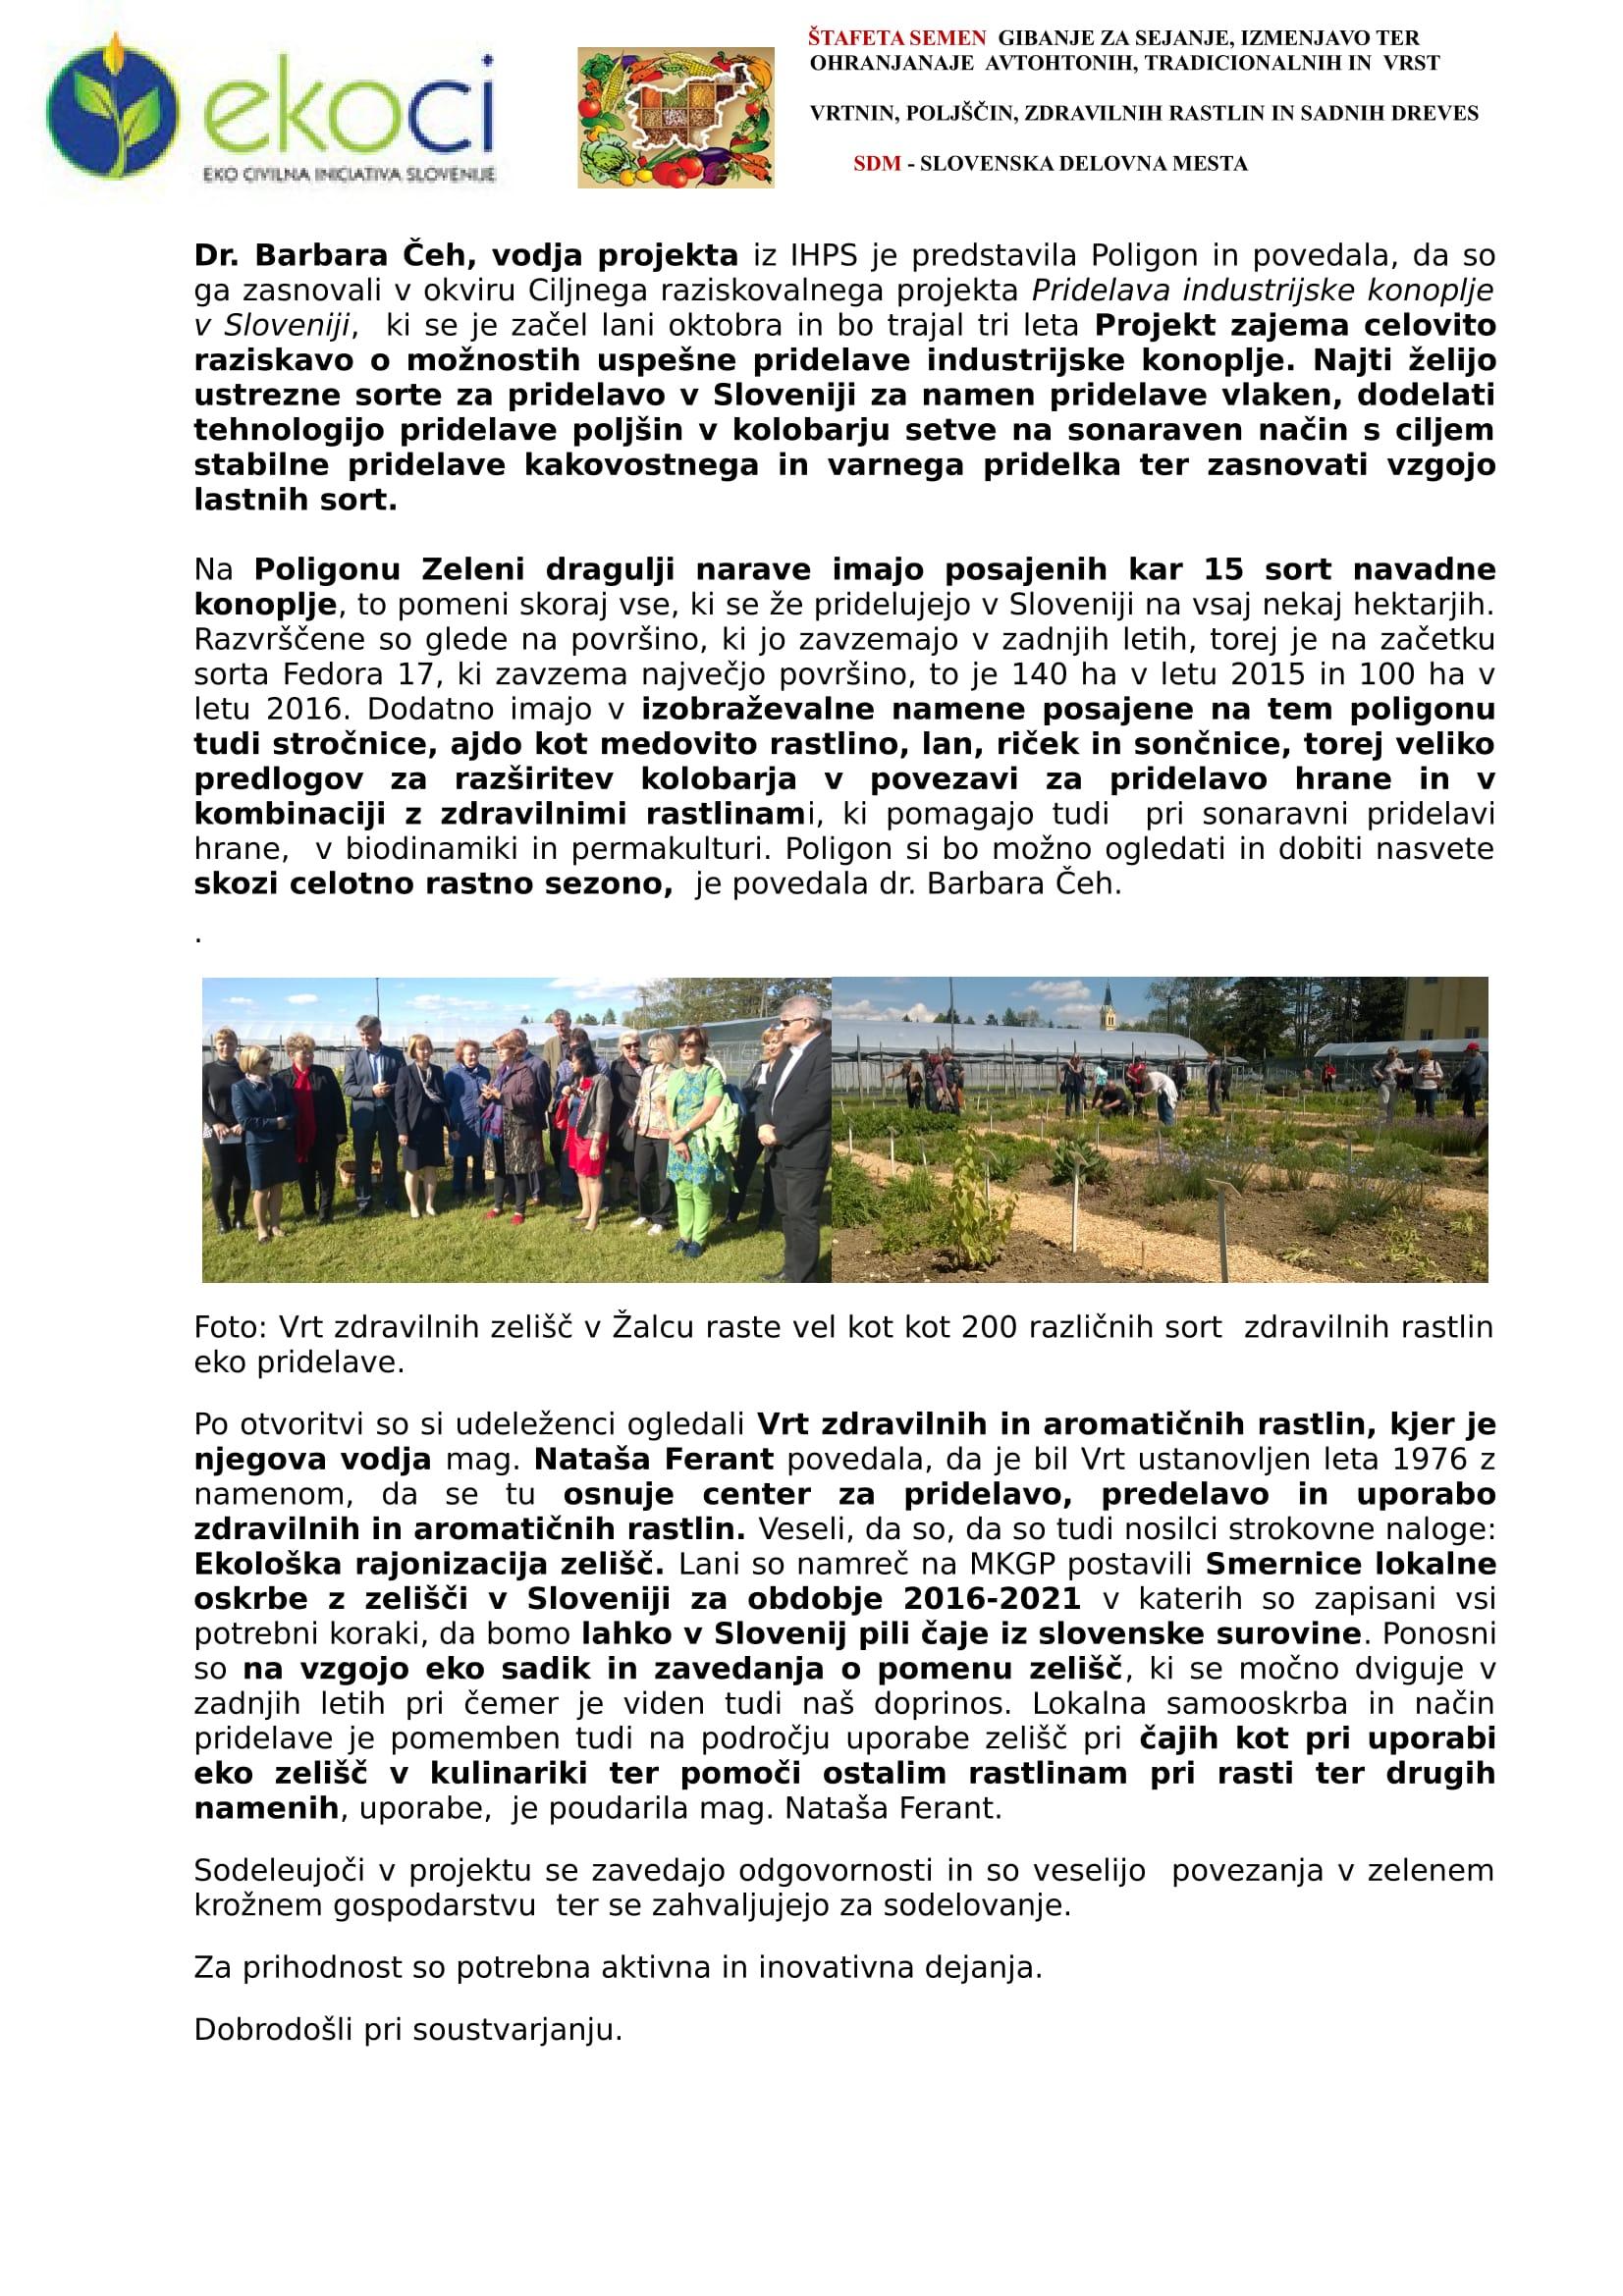 SZJ - OTVORITEV POLIGON ZELENI DRAGULJI NARAVE - V DOLINI ZELENEGA ZLATA-3